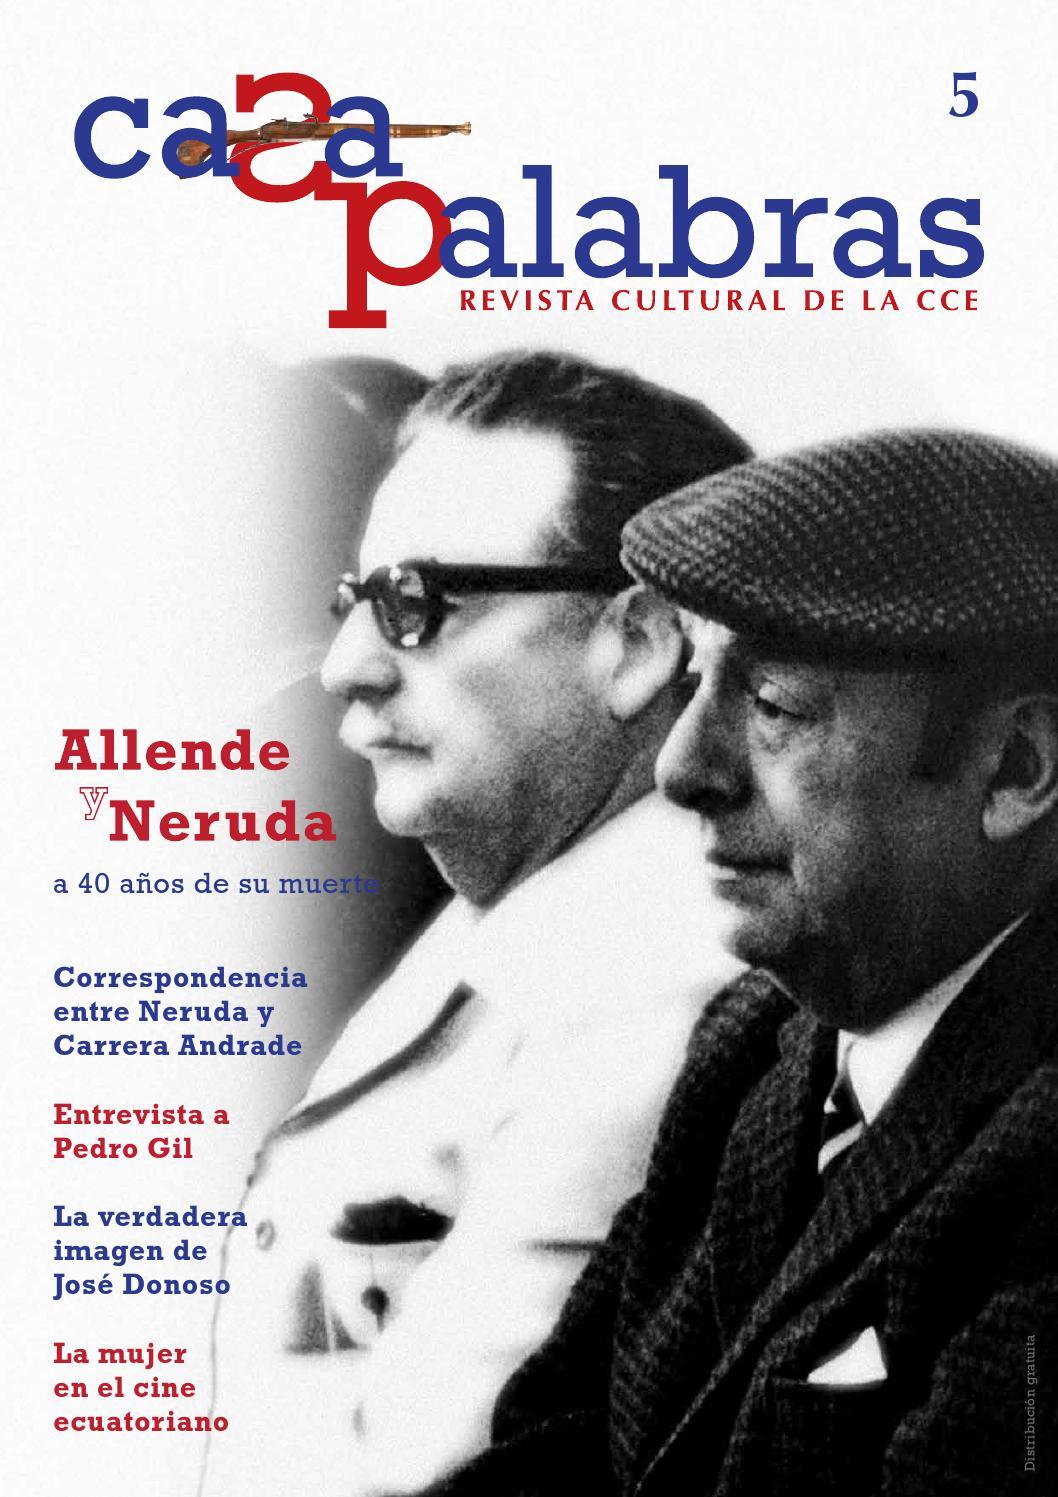 Casa Palabras N° 5 by Revistas de la Casa de la Cultura Ecuatoriana ...